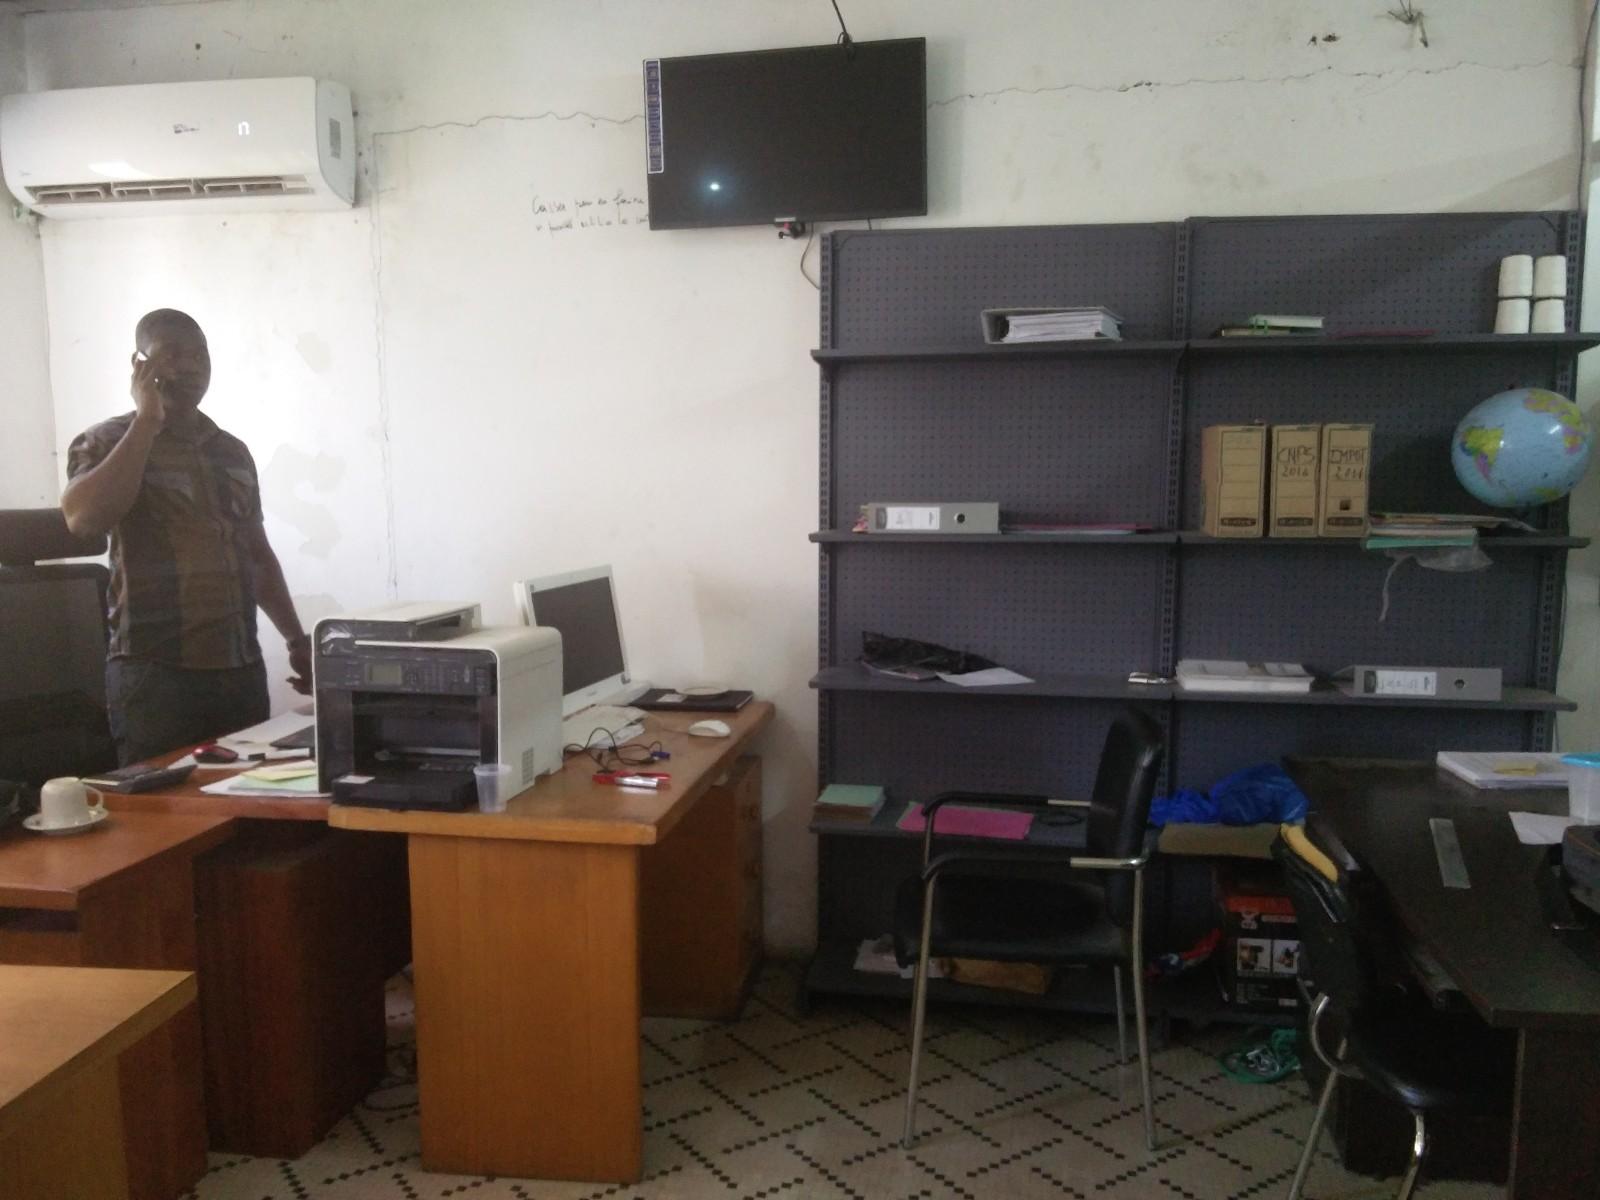 মধ্যপ্রাচ্যে ডিটারজেন্ট কারখানা সঙ্গে সহযোগিতা